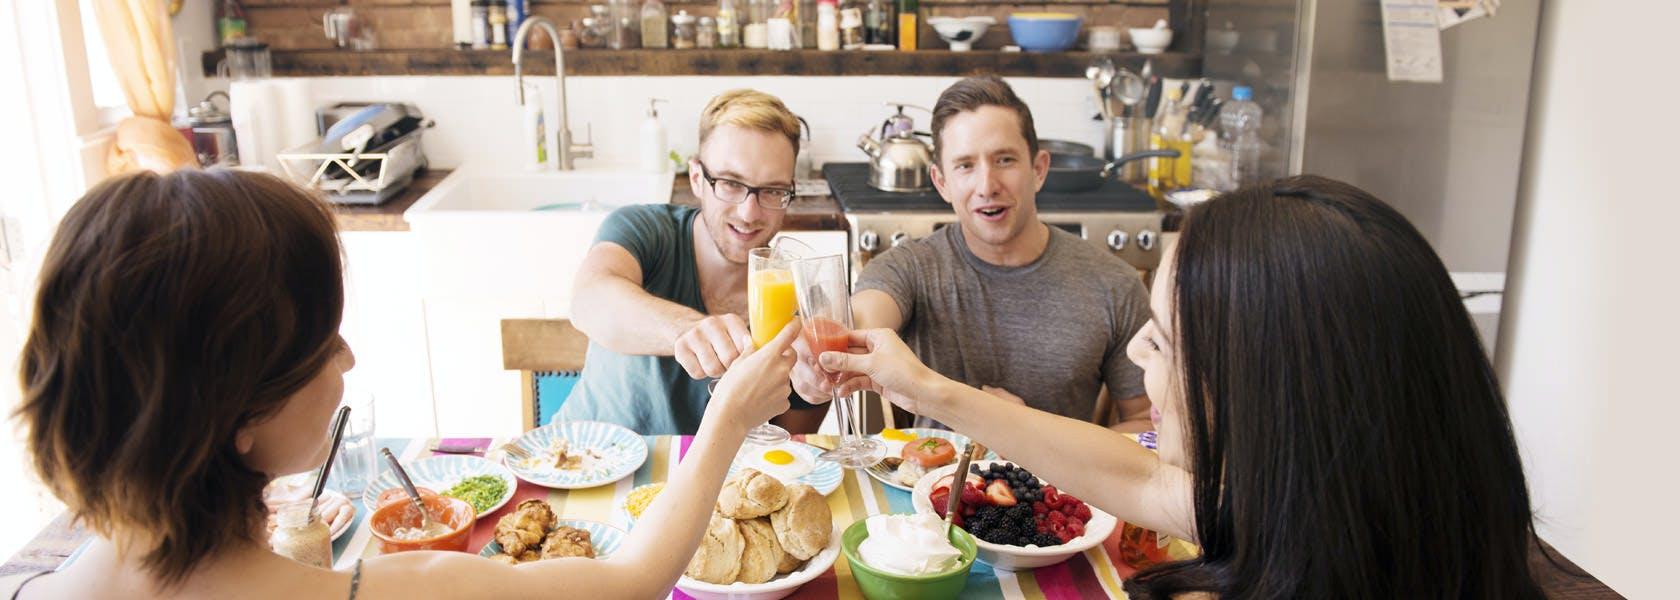 Ældre voksne kigger på opskrift sammen i køkken